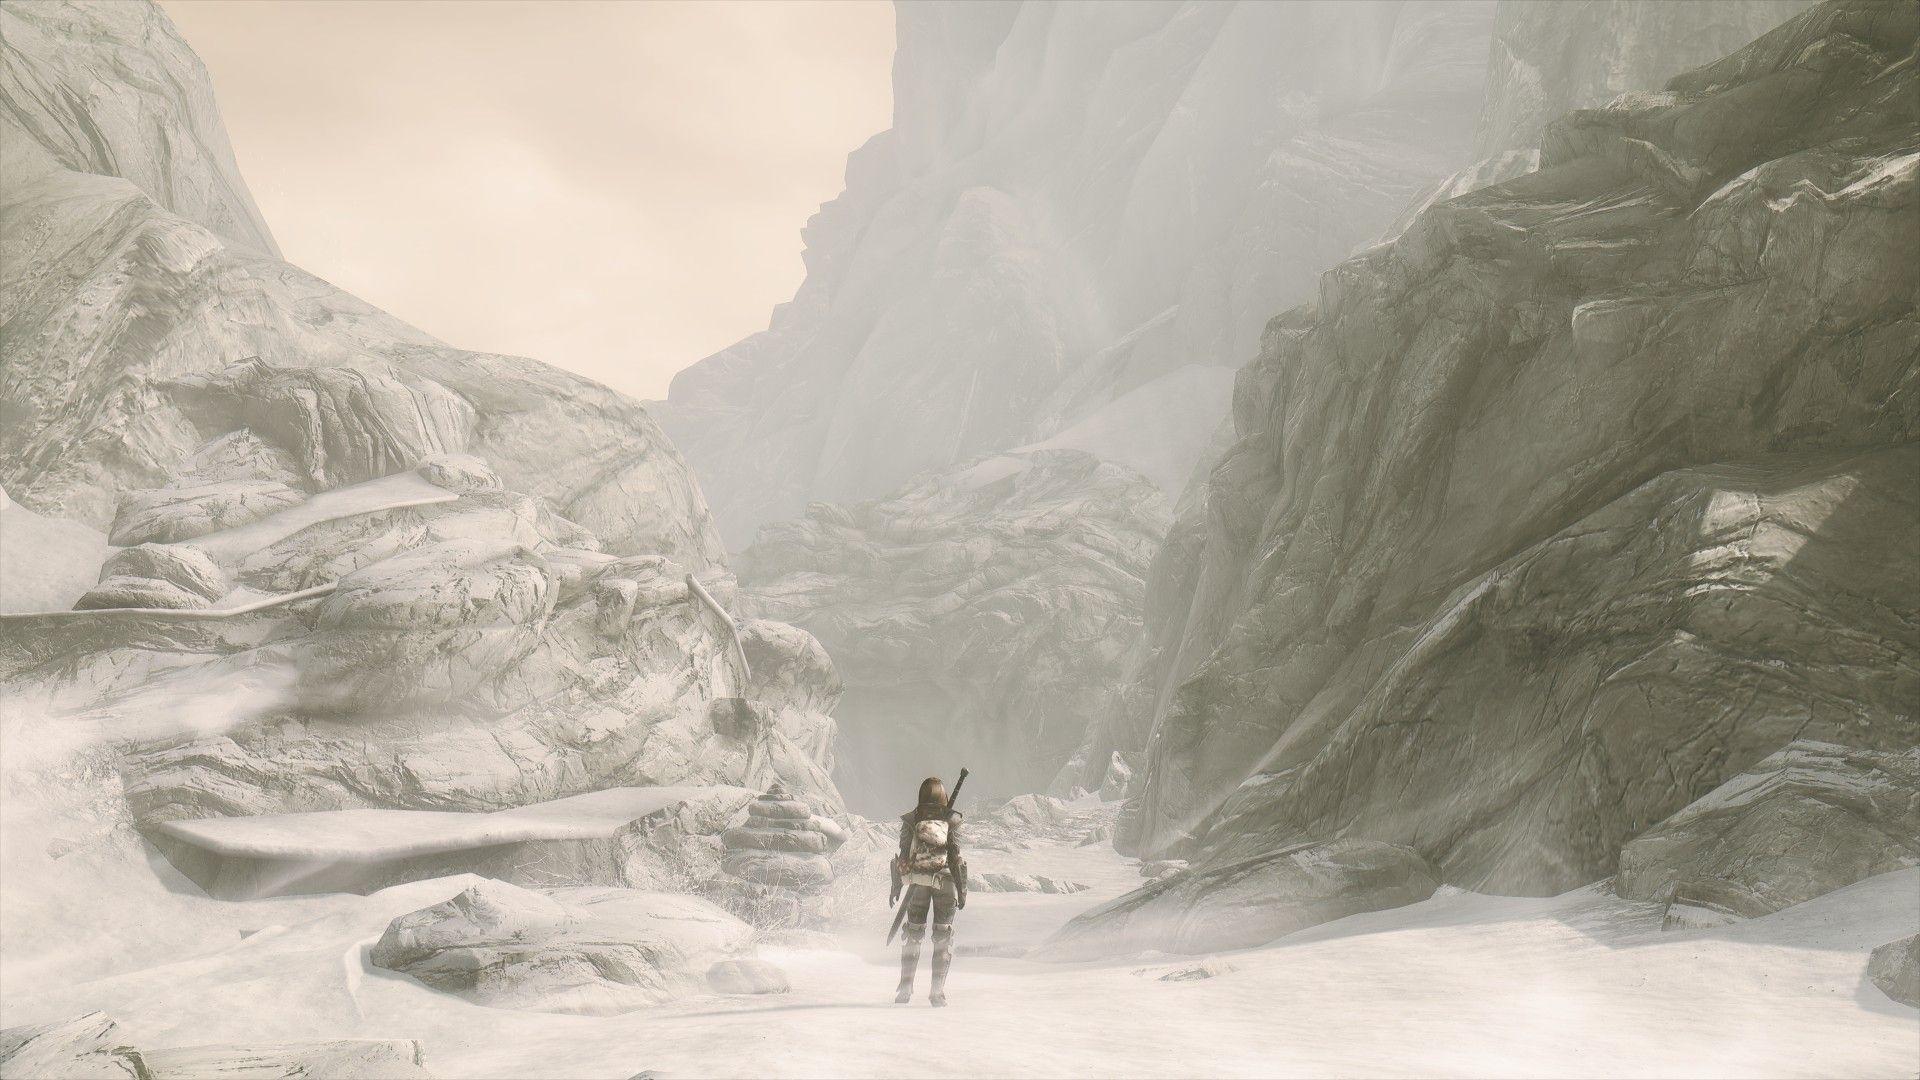 Video Game Skyrim Wallpaper